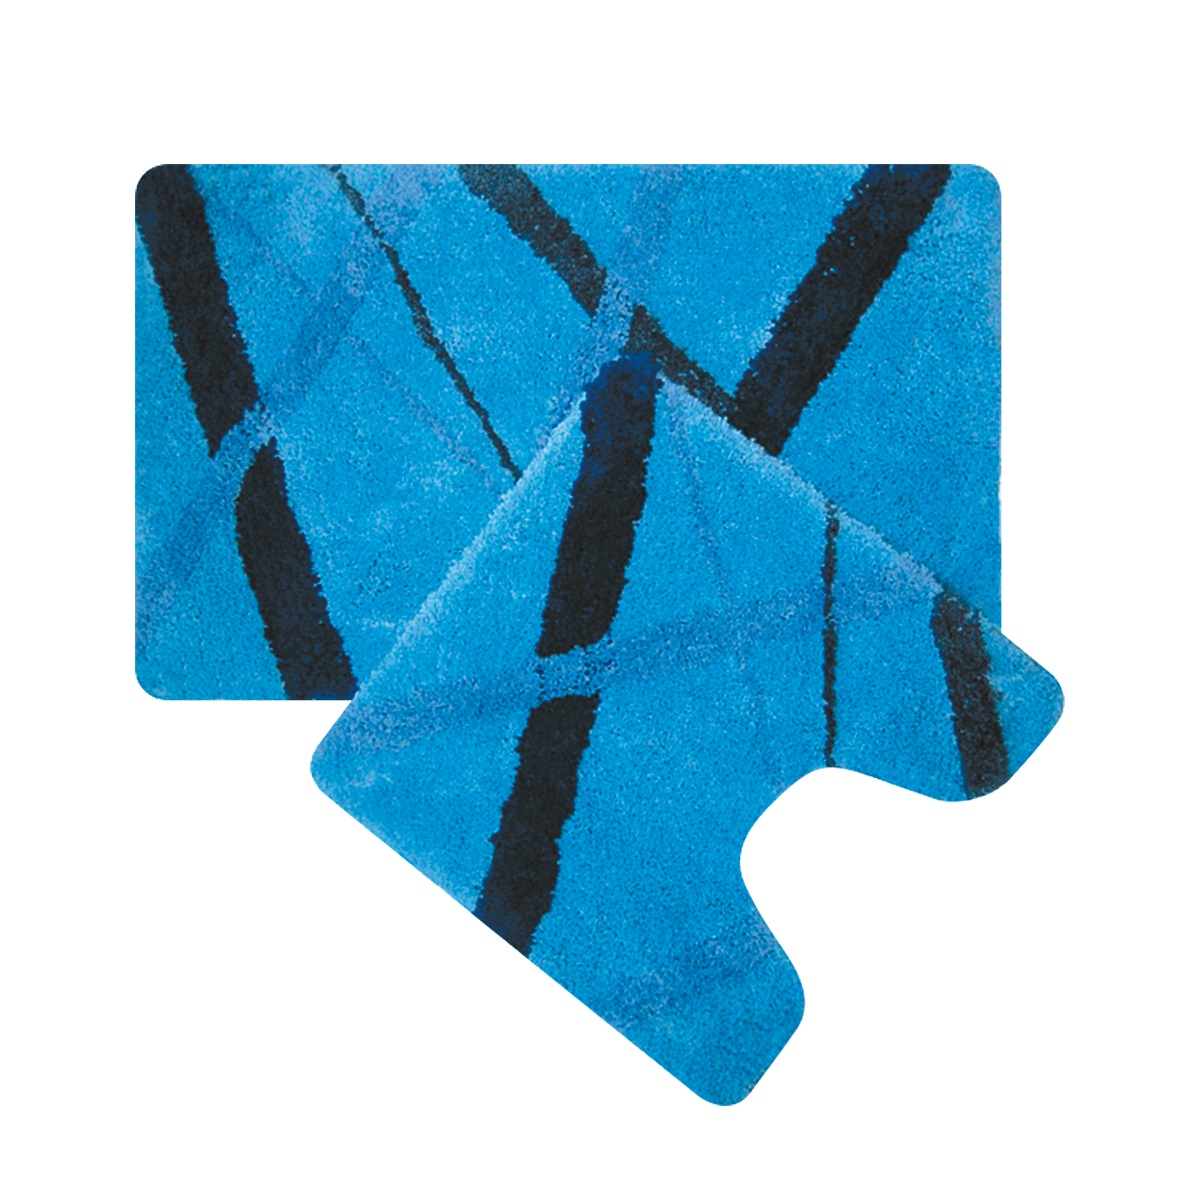 Набор ковриков для ванной Iddis Blue Rain, цвет: синий, 50 х 80 см, 50 х 50 см, 2 штMID160MSнабор из двух ковриков: для ванной 50*80 + для туалета 50*50, материал: микрофибра, 100% полиэстер, высота ворса от 1,5 до 2,5 см., латексная основа, упаковка ПП пакет,